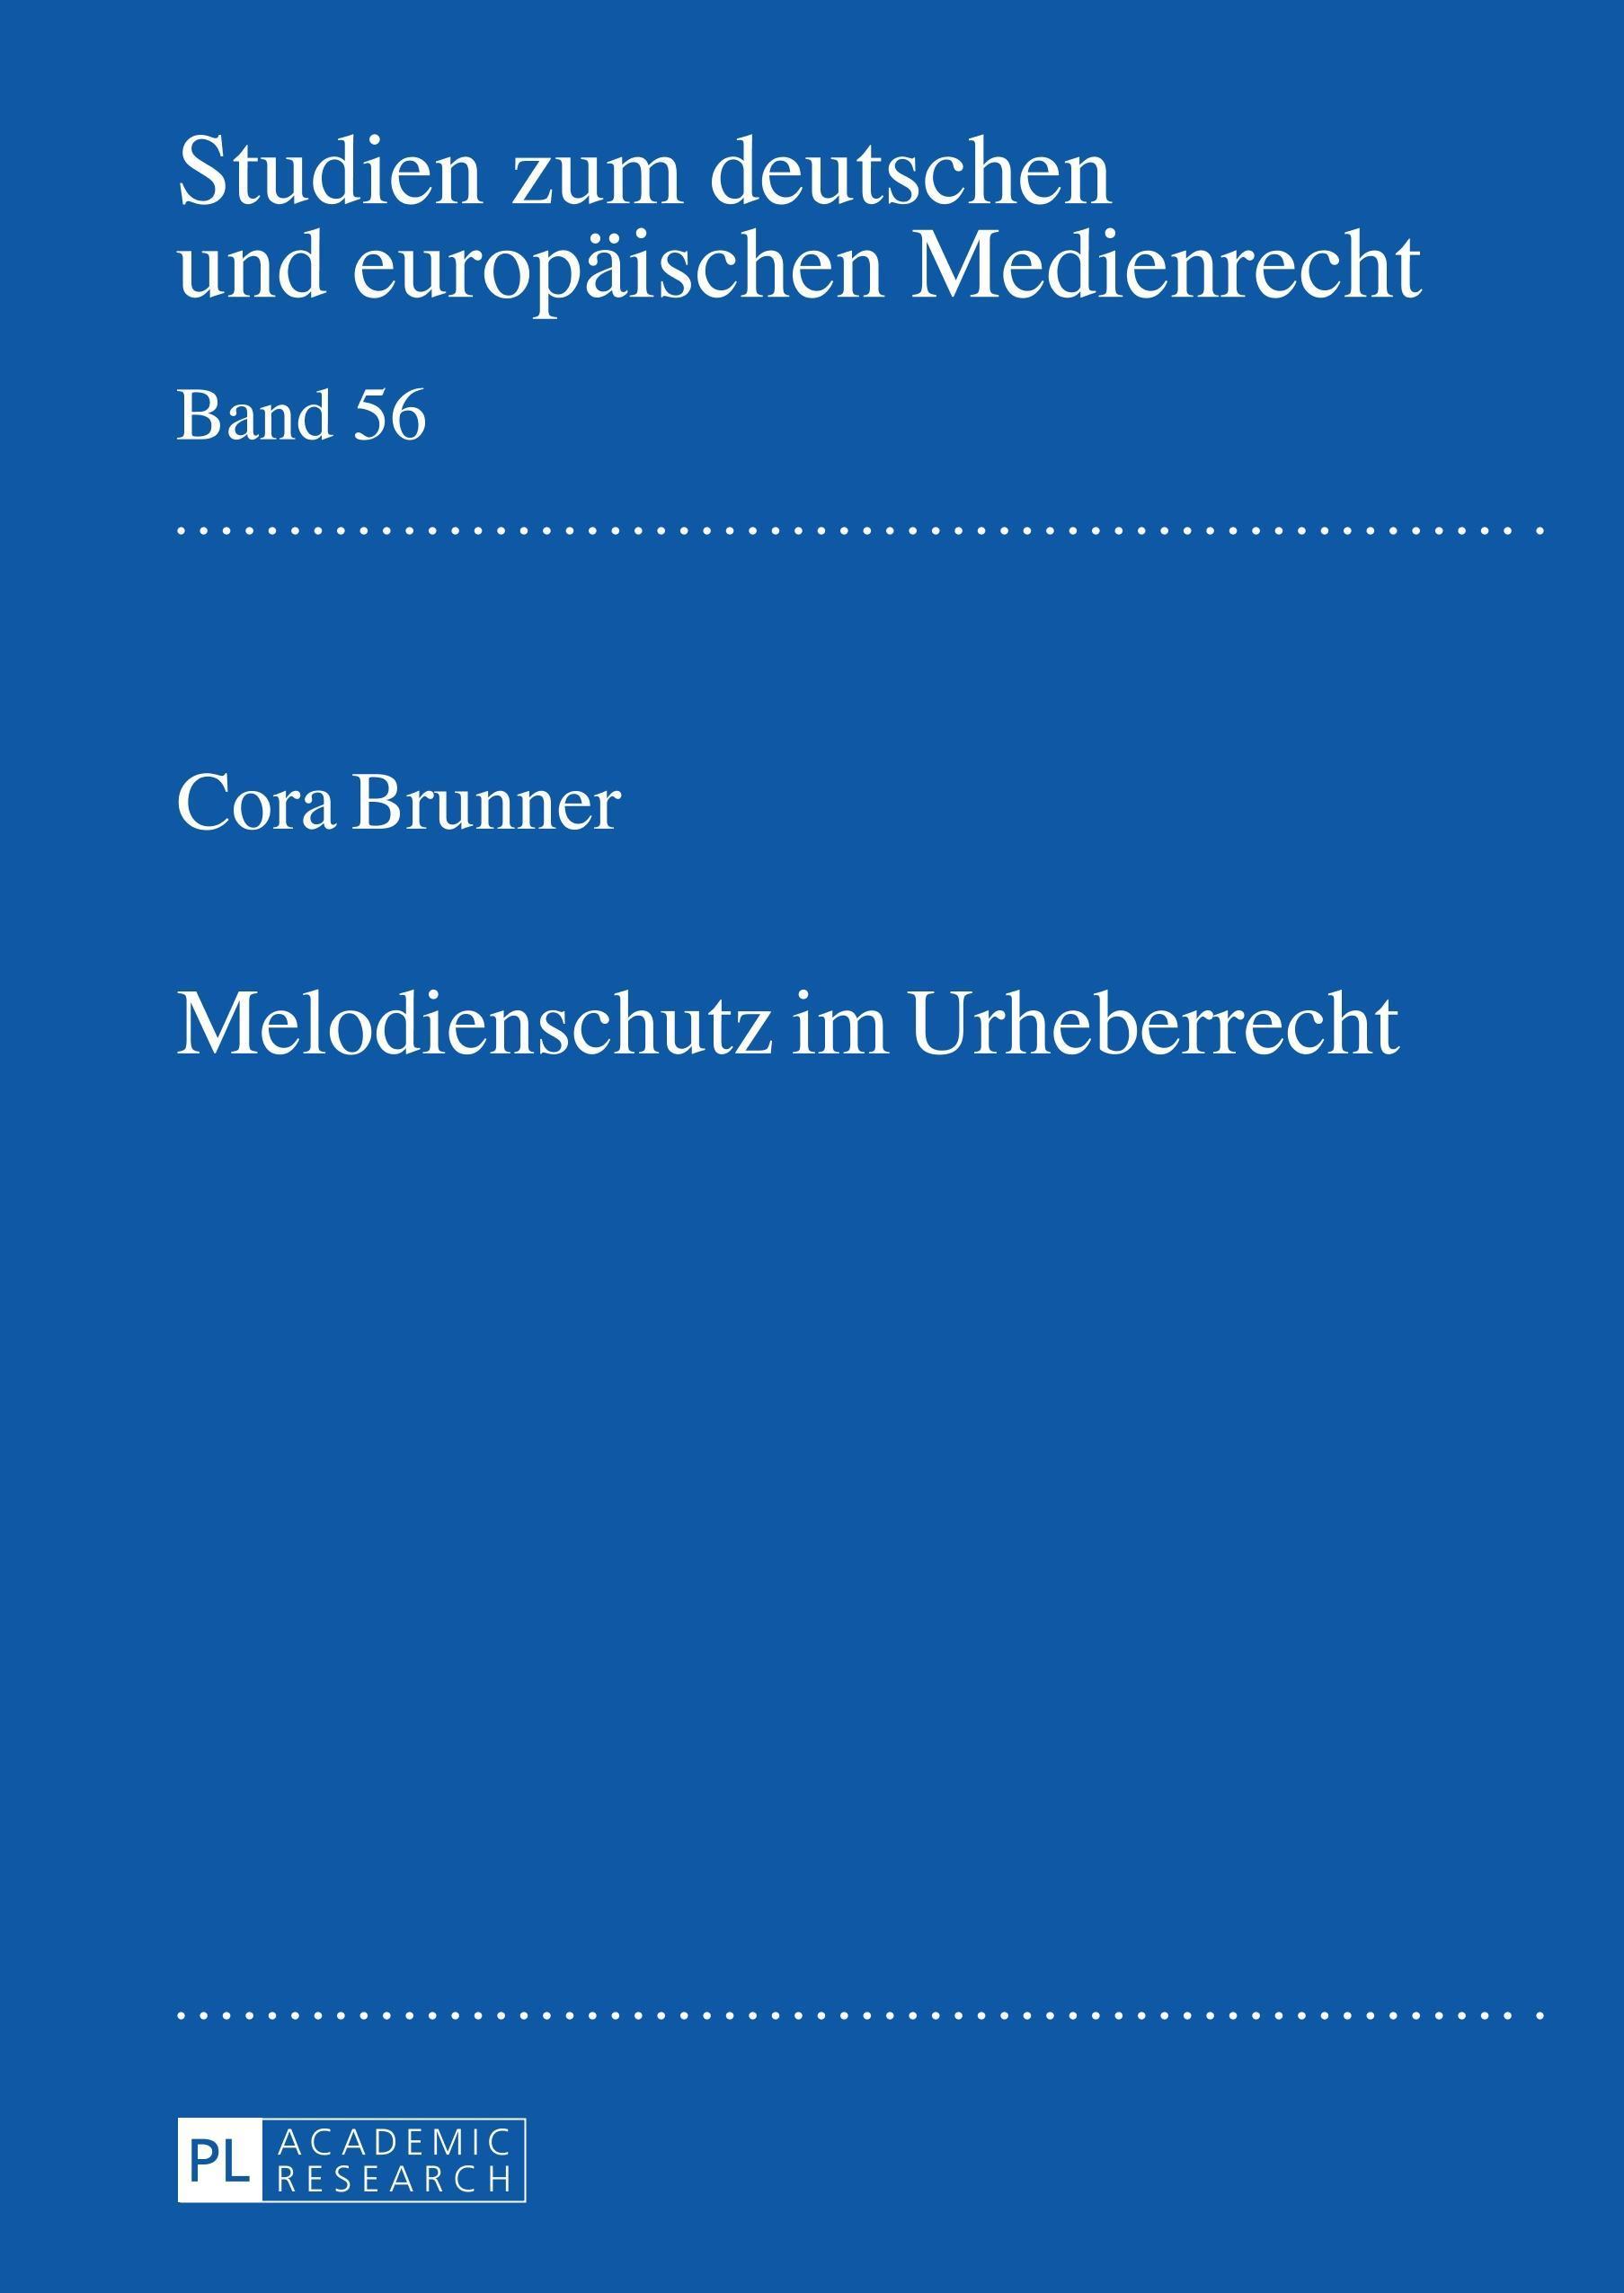 Melodienschutz im Urheberrecht | Cora Brunner |  9783631644256